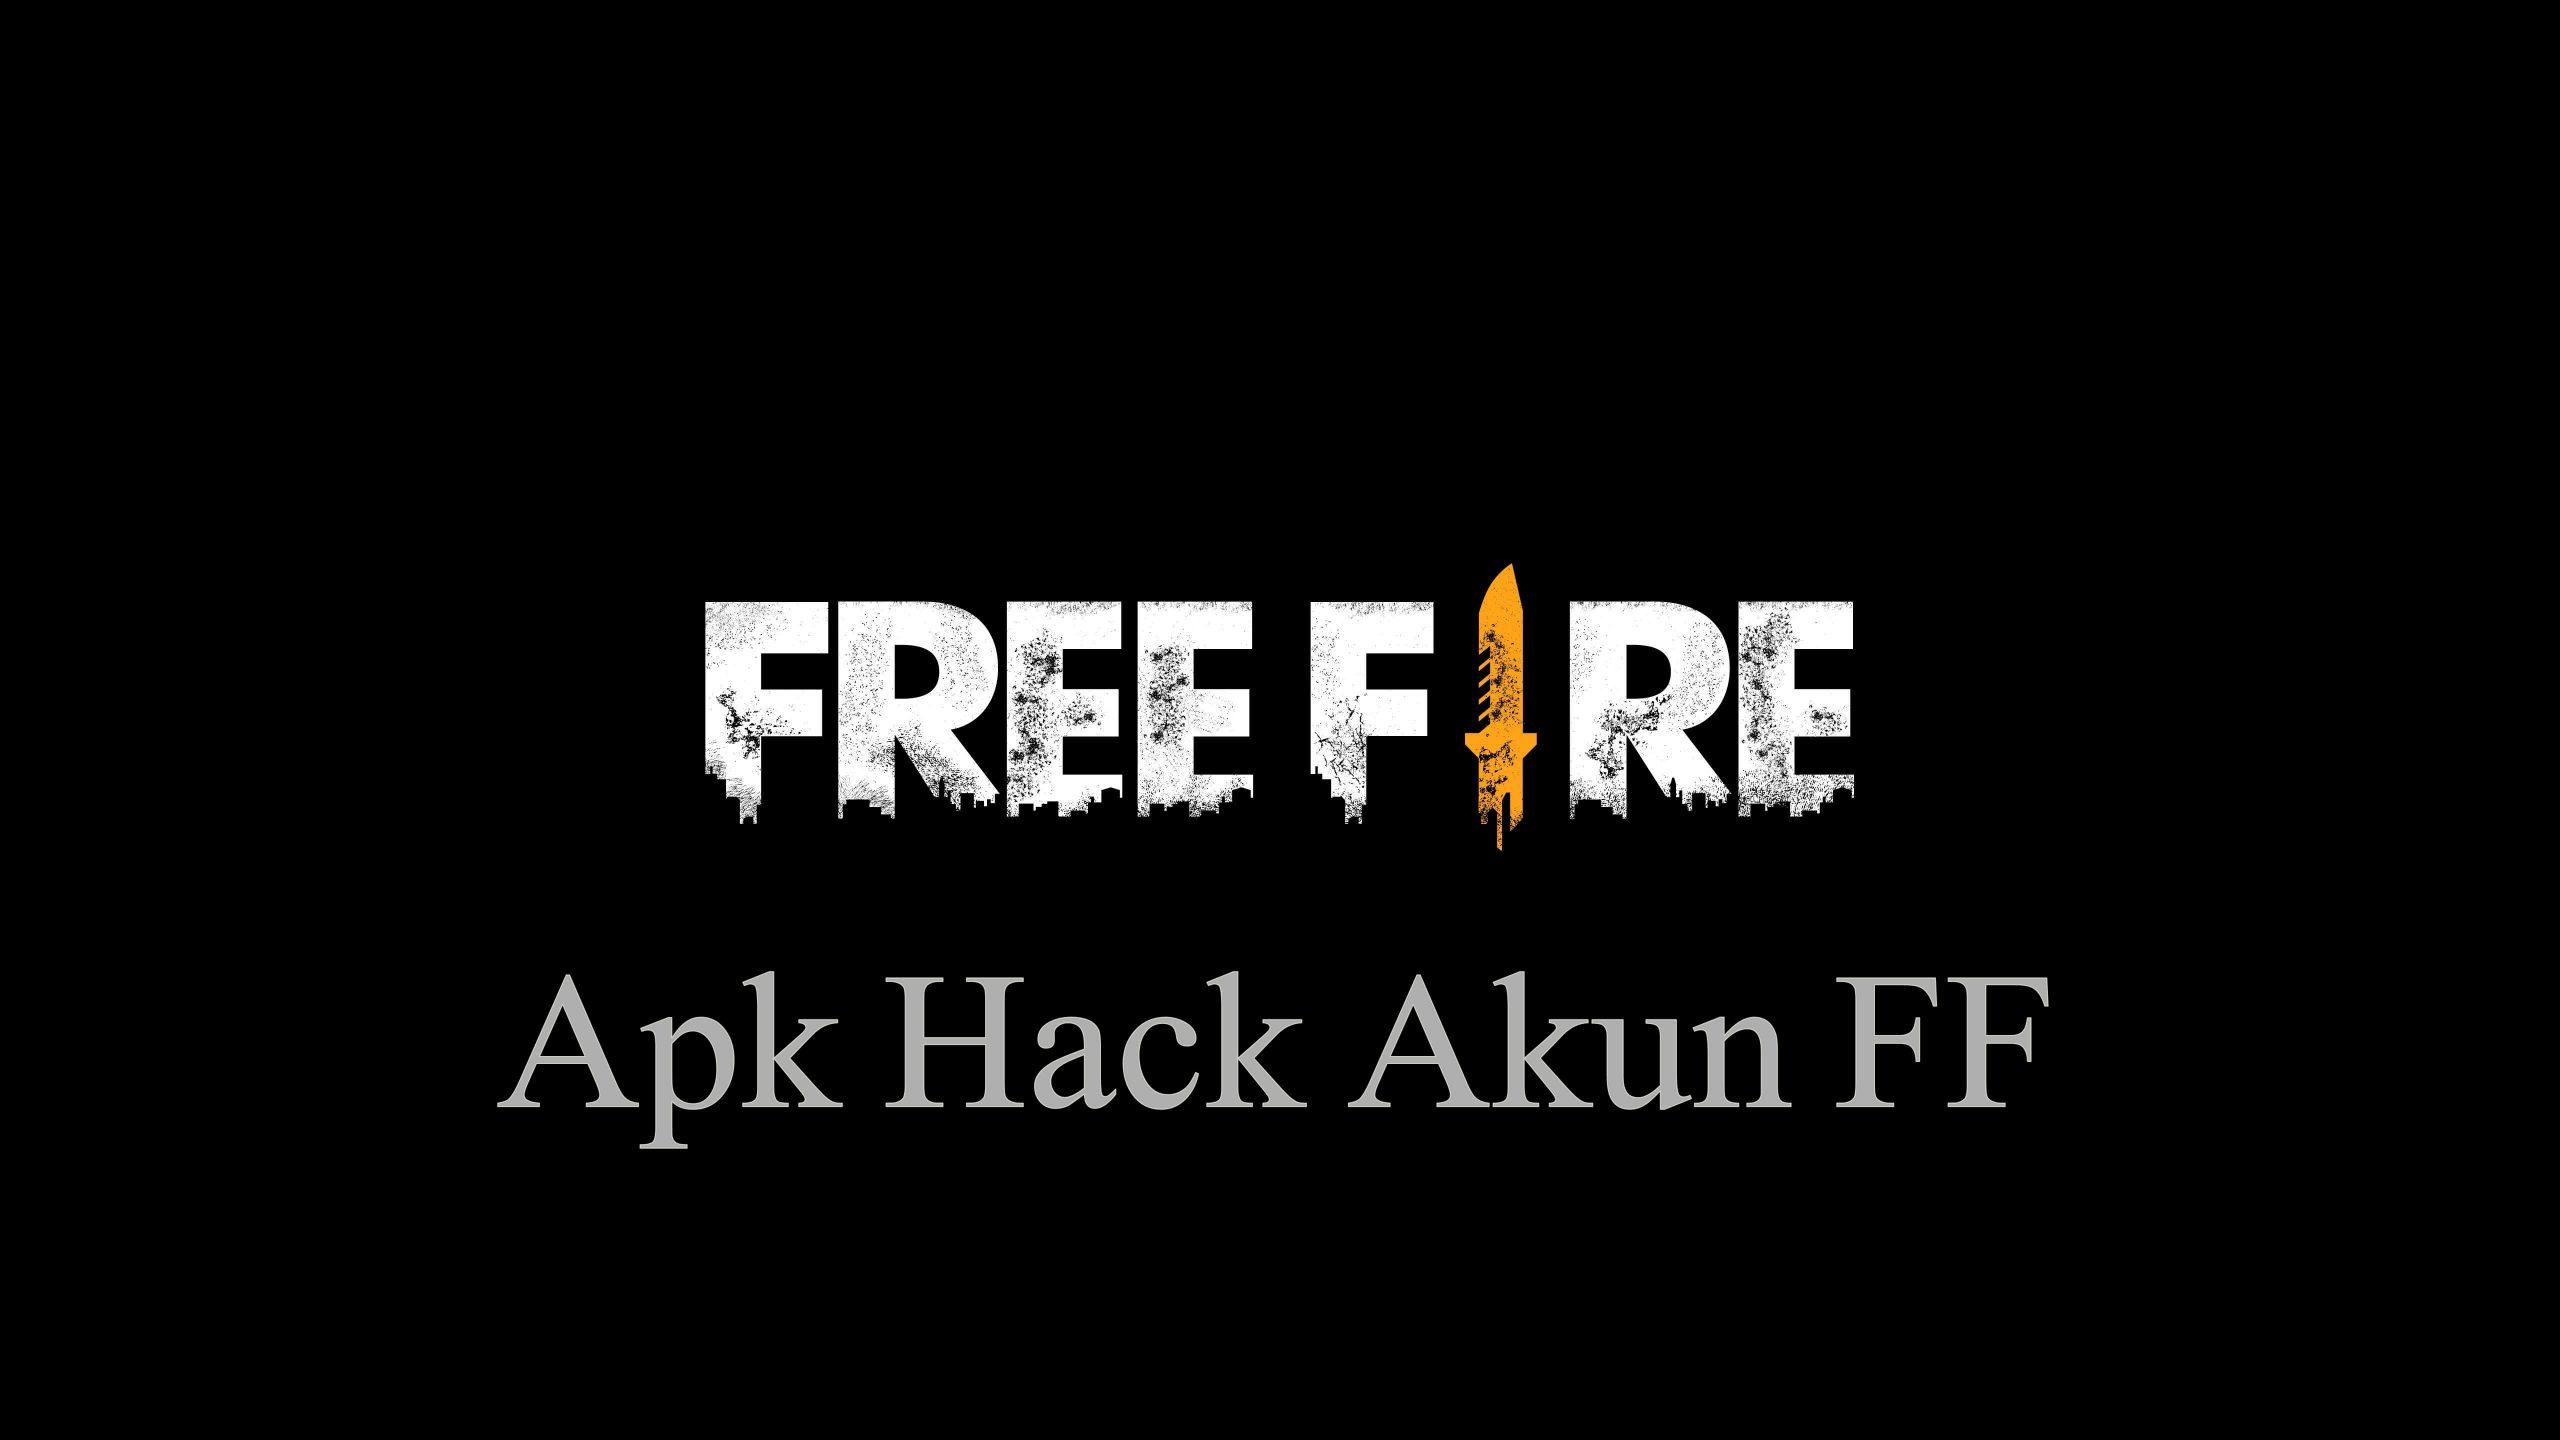 Download Apk Hack Akun FF Ryan Aww Paling Ampuh 2021